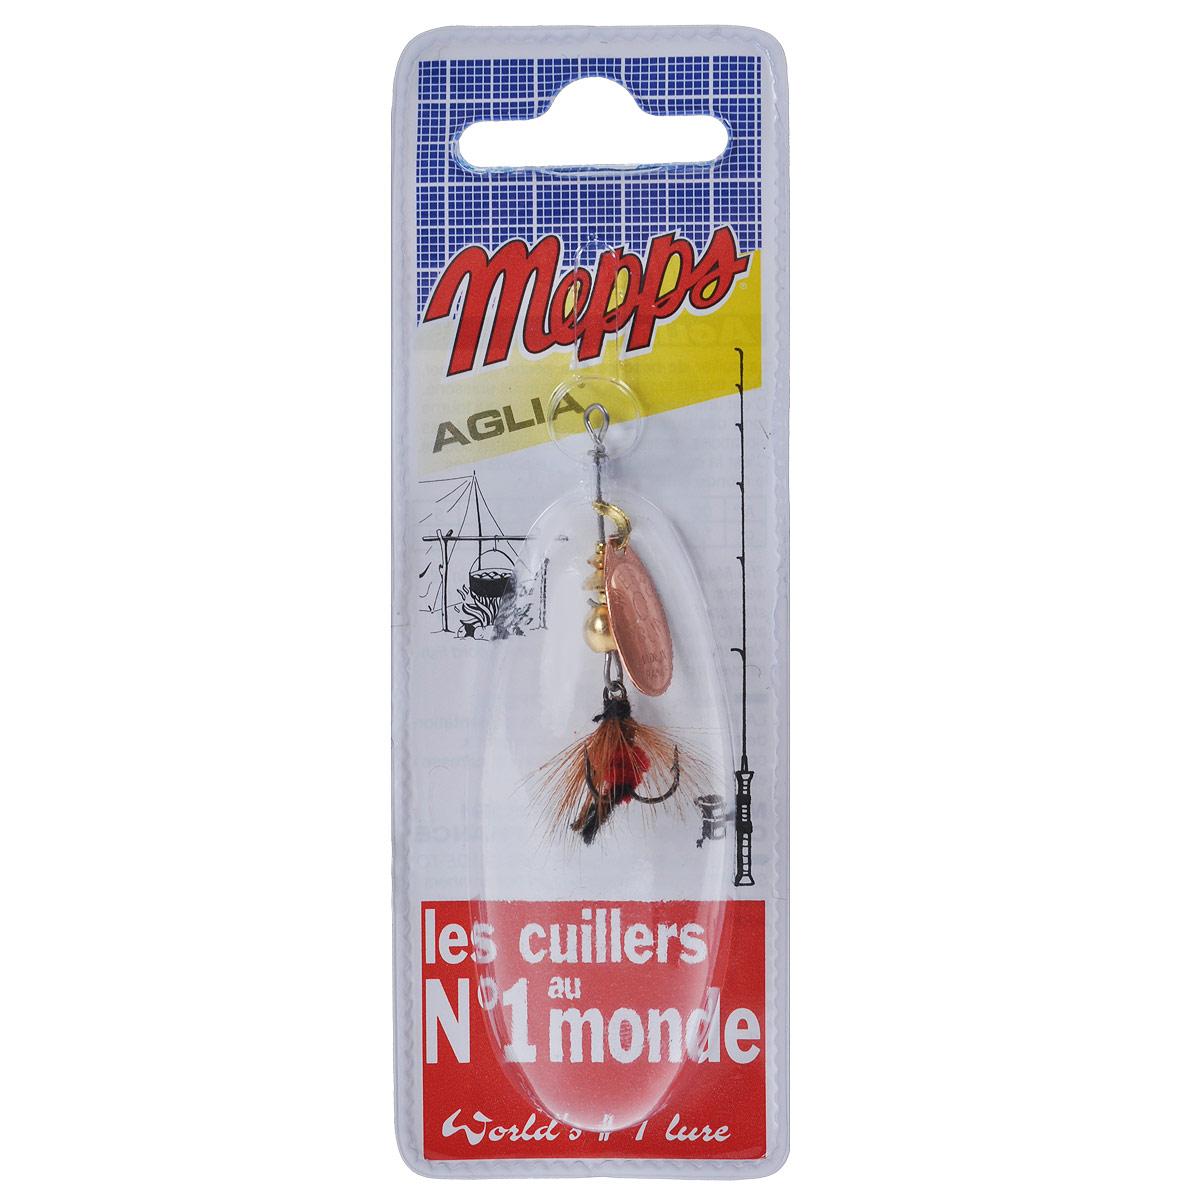 Блесна Mepps Aglia CU Mouch. Rouge, вращающаяся, №0010-01199-23Вращающаяся блесна Mepps Aglia CU Mouch. Rouge оснащена мушкой из натурального беличьего хвоста, это очень эффективные приманки для ловли жереха, голавля, язя, окуня и других видов рыб, особенно в периоды массового вылета насекомых.Aglia Mouche - некрупная блесна, которая особенно подходит для летней ловли рыбы (особенно осторожной) на мелководье.